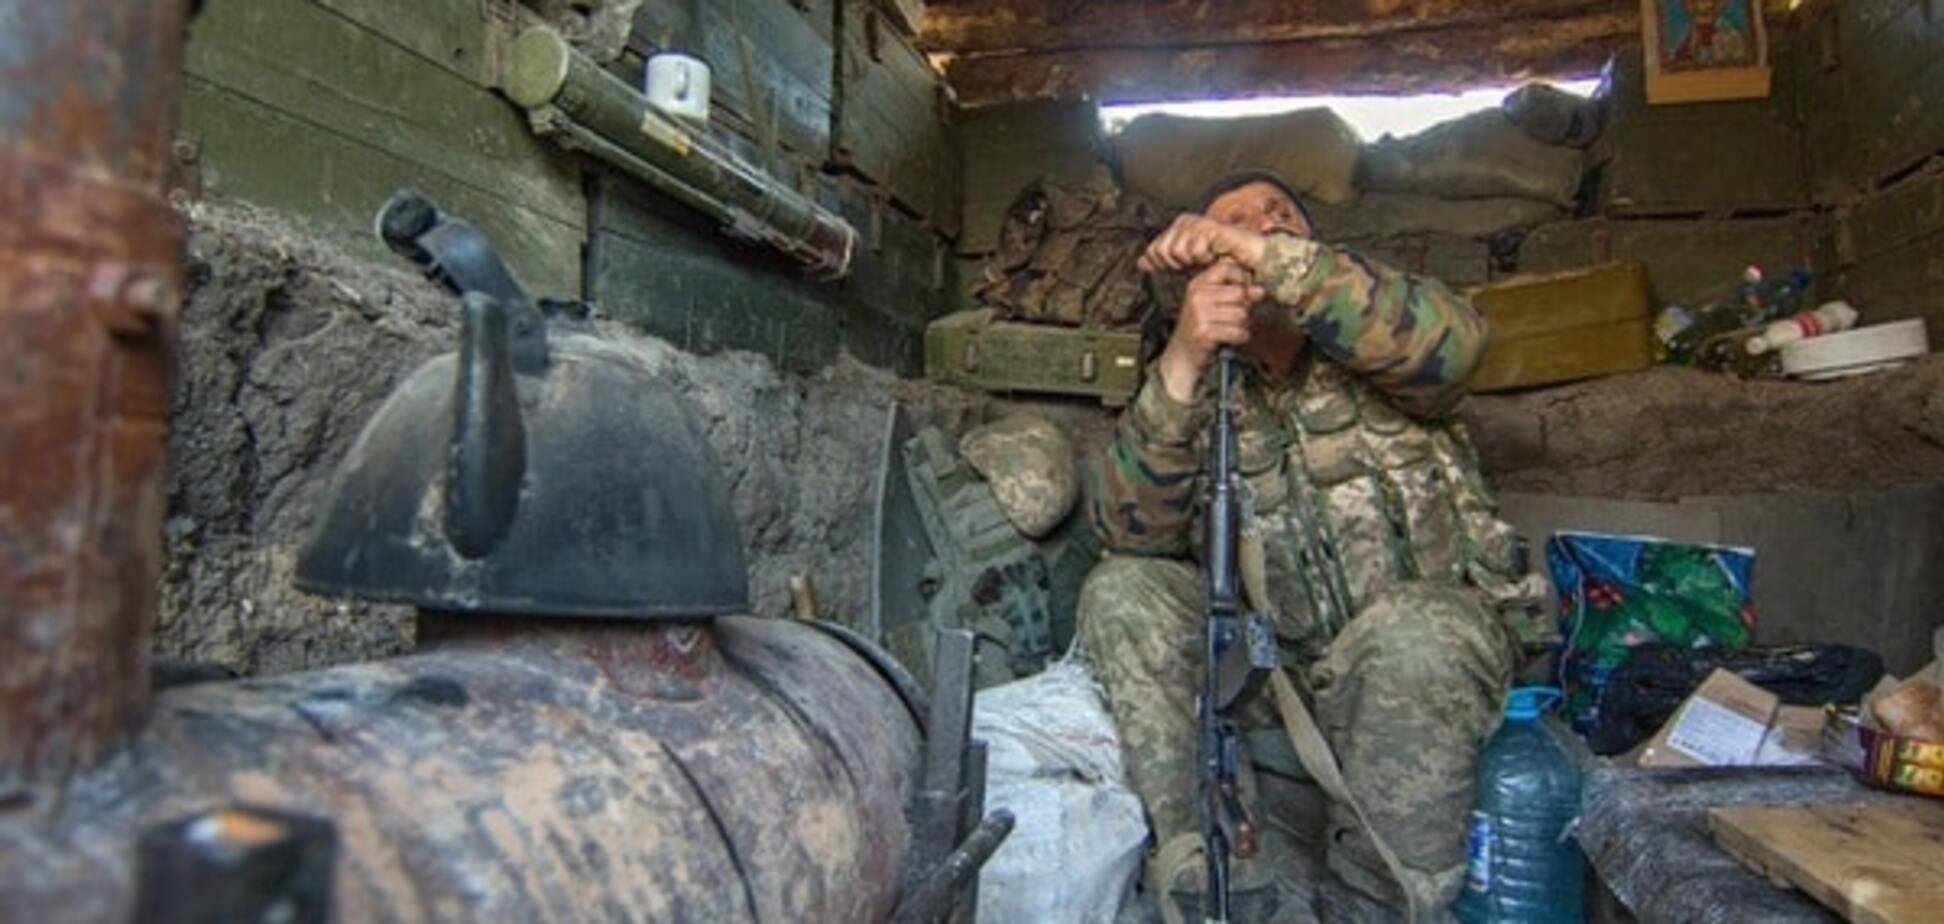 Міномети і артилерія: терористи атакували бійців АТО в Авдіївці - 6 квітня 2016